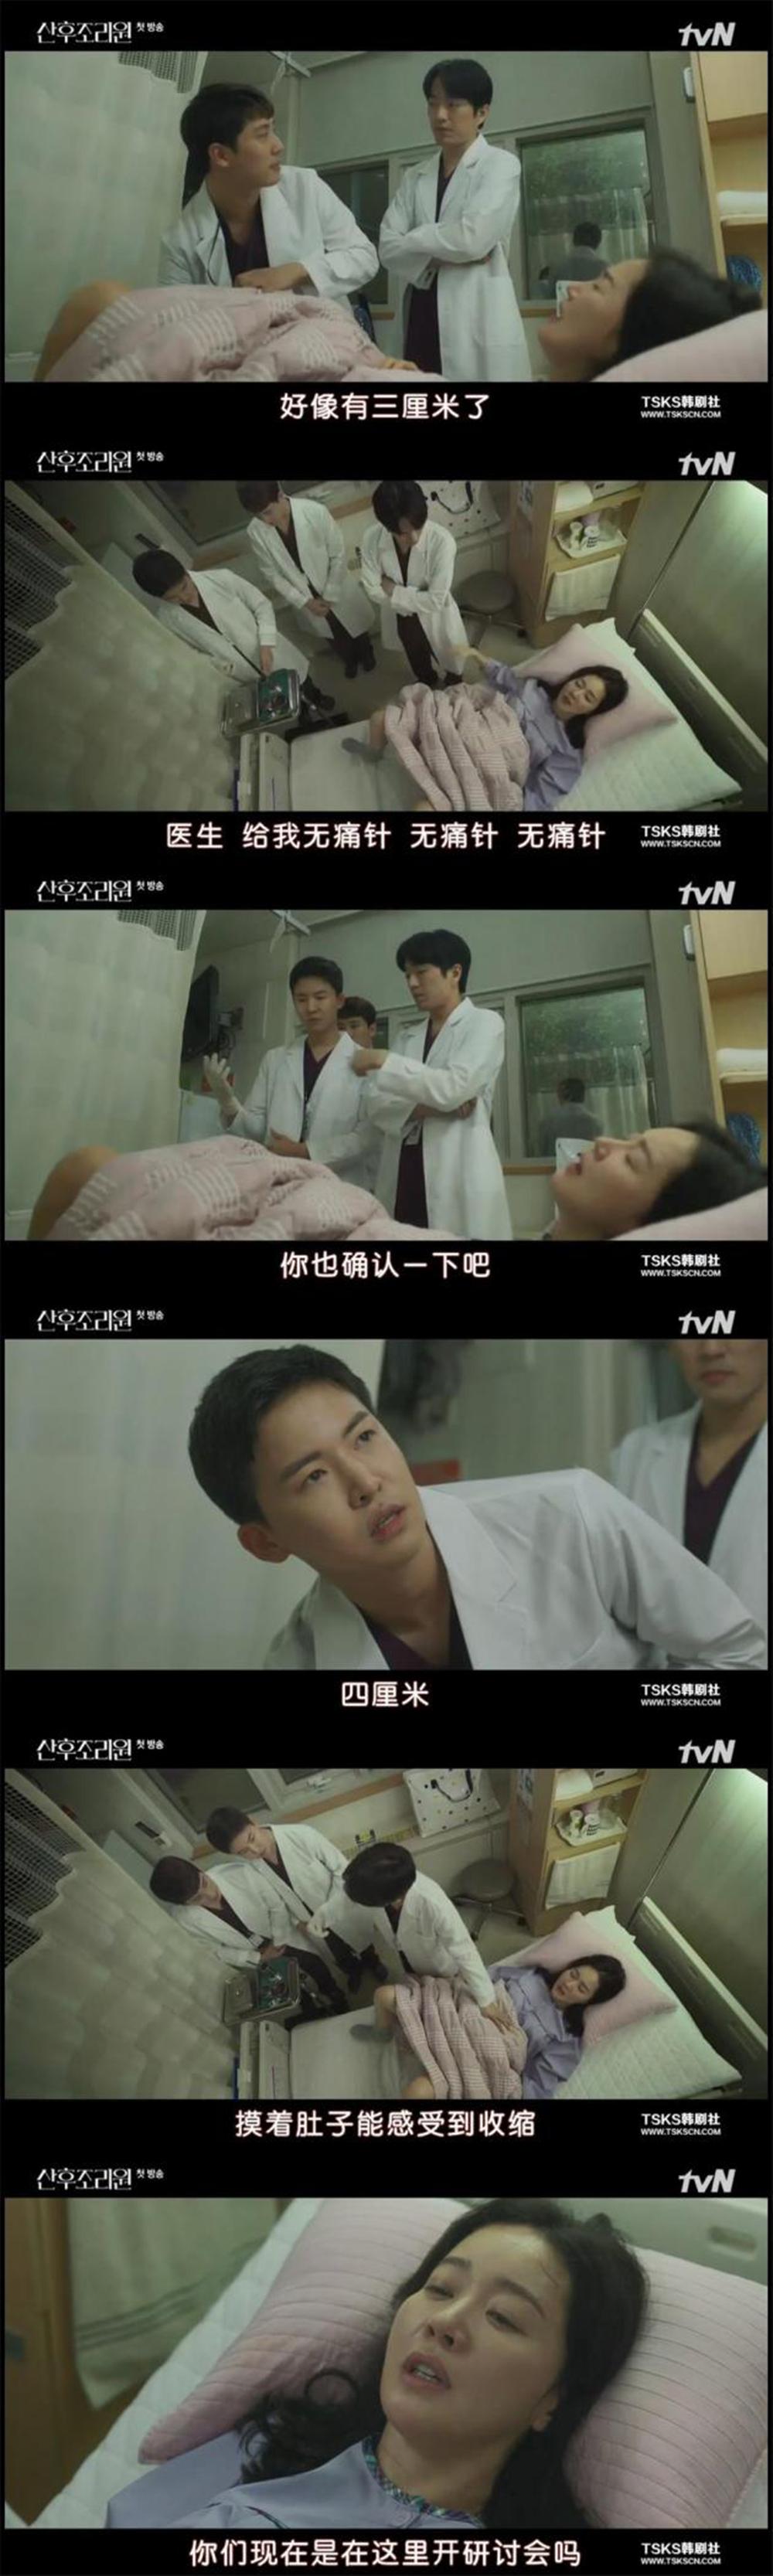 """这边产妇痛得要死,那边男医生带着男实习生""""上课""""。"""